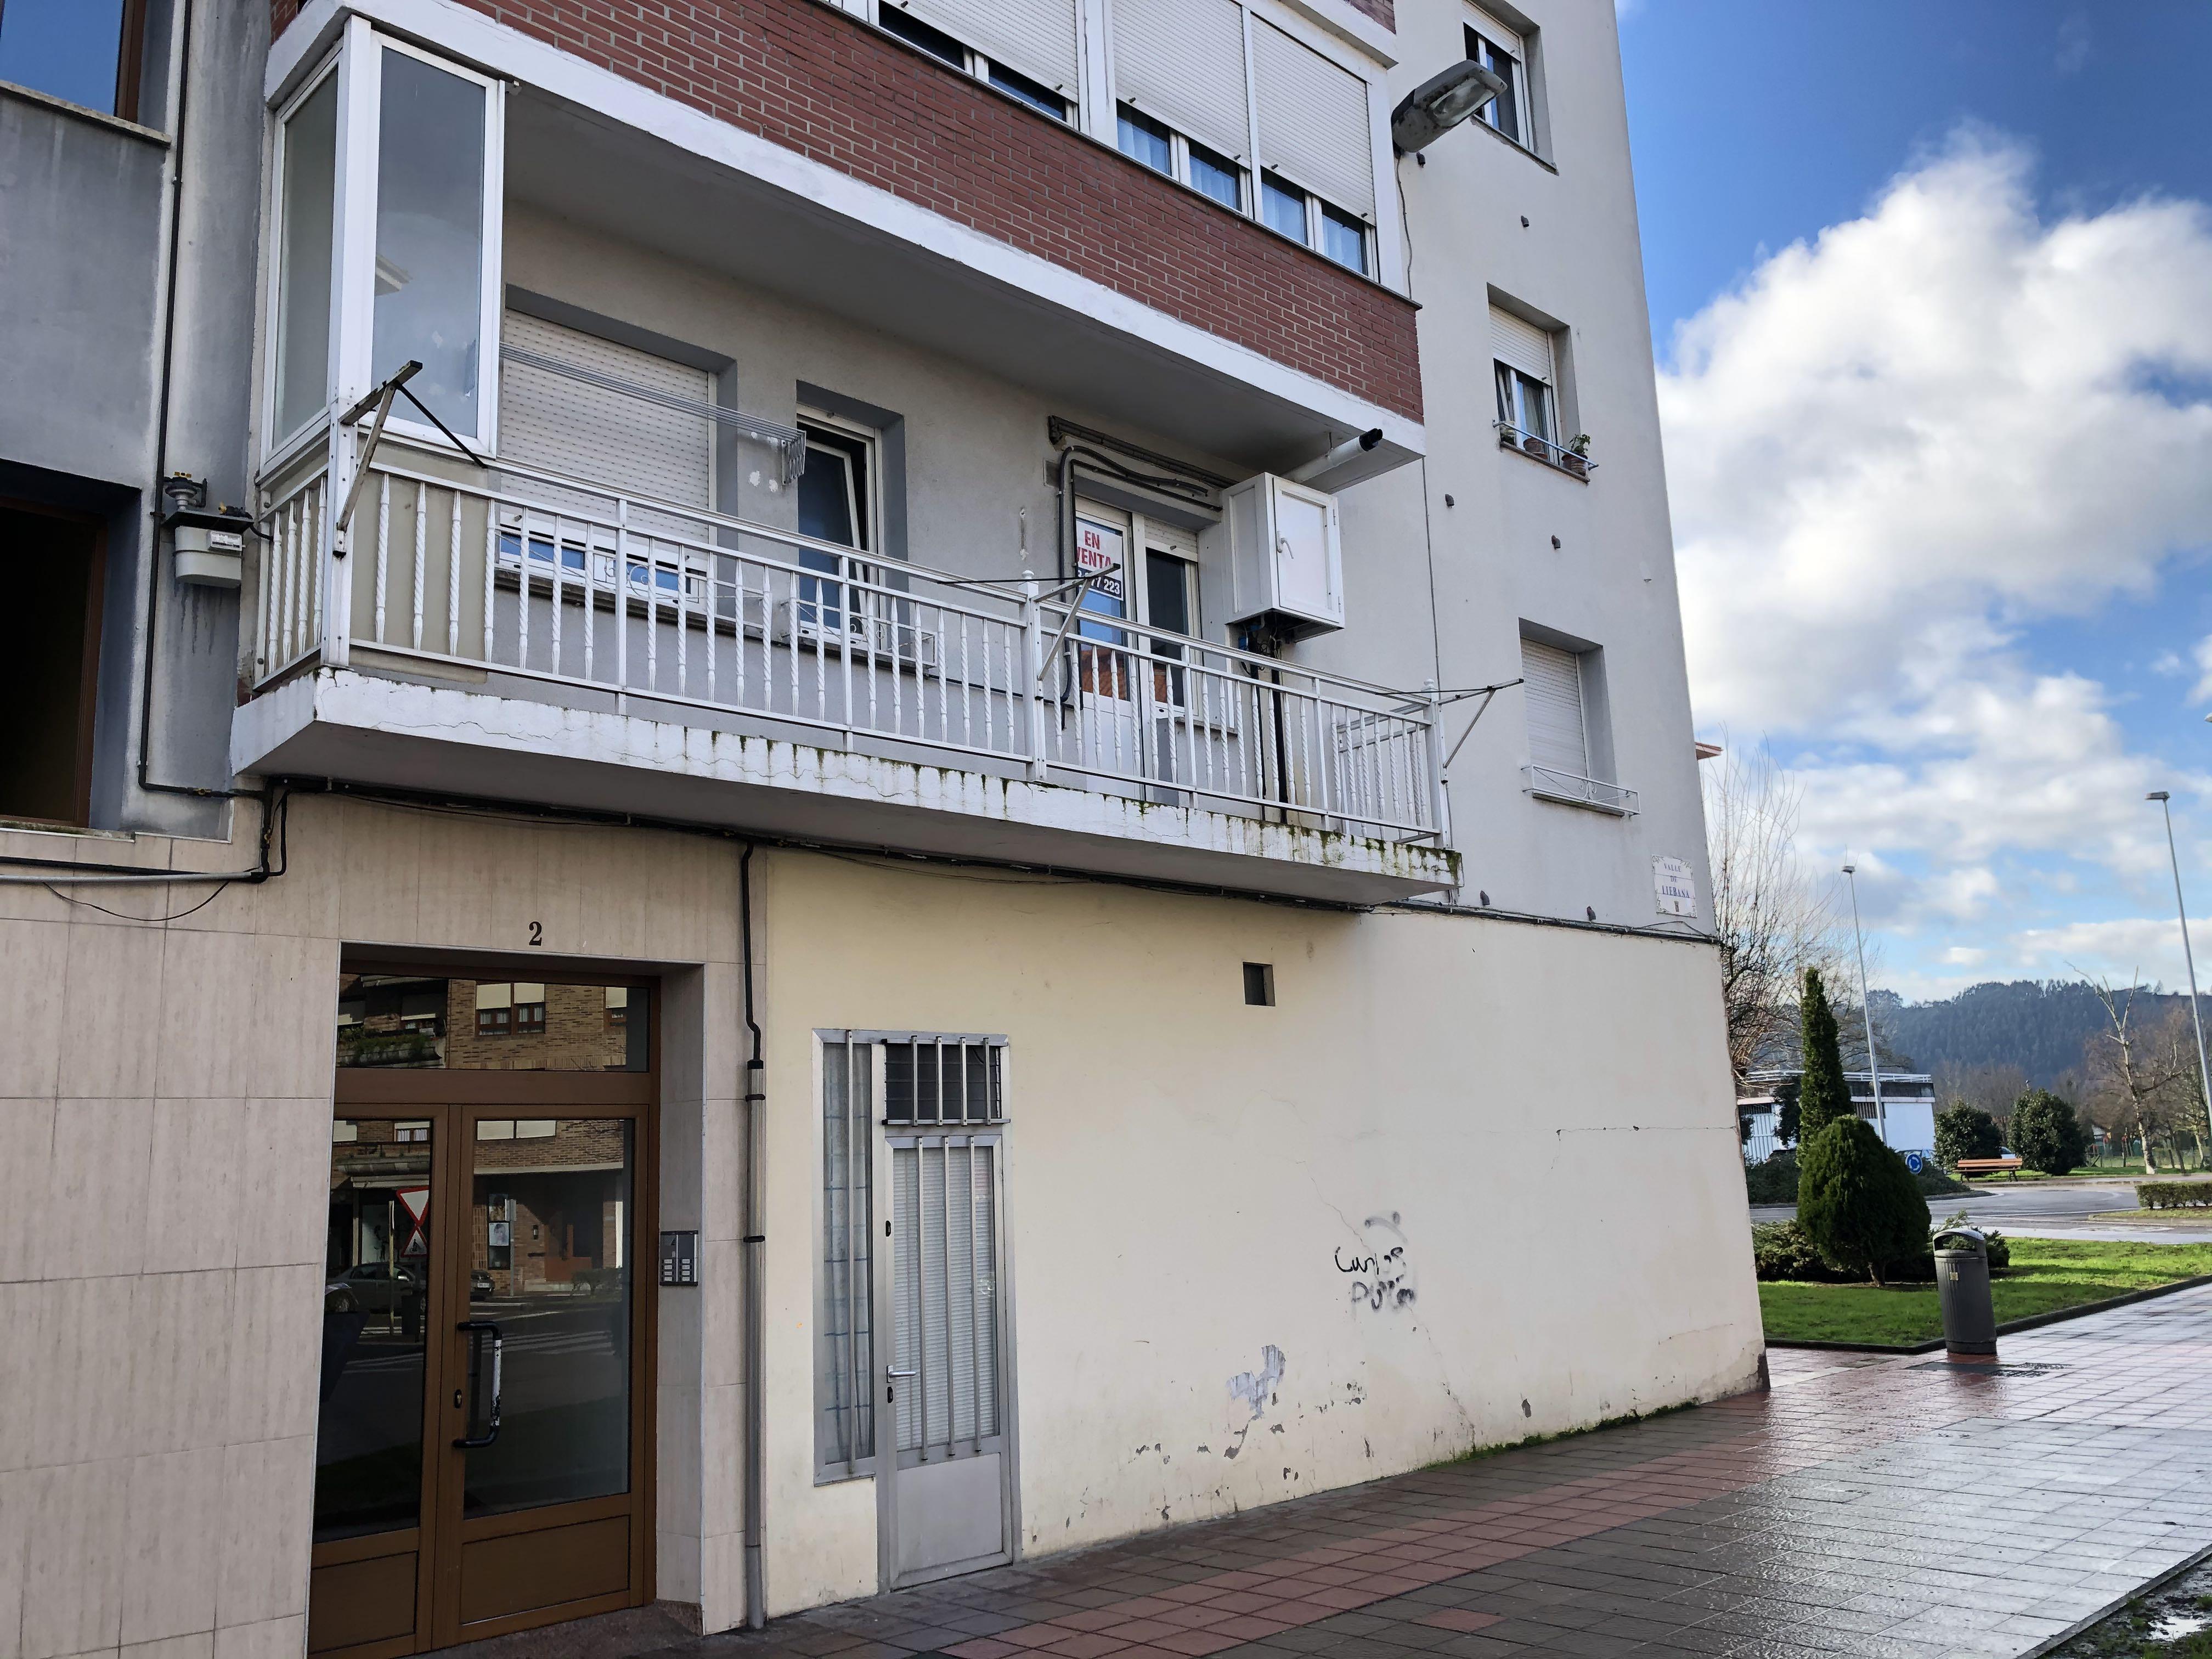 Piso en venta en El Zapatón, Torrelavega, Cantabria, Calle Valle Liebana, 59.900 €, 3 habitaciones, 1 baño, 74 m2